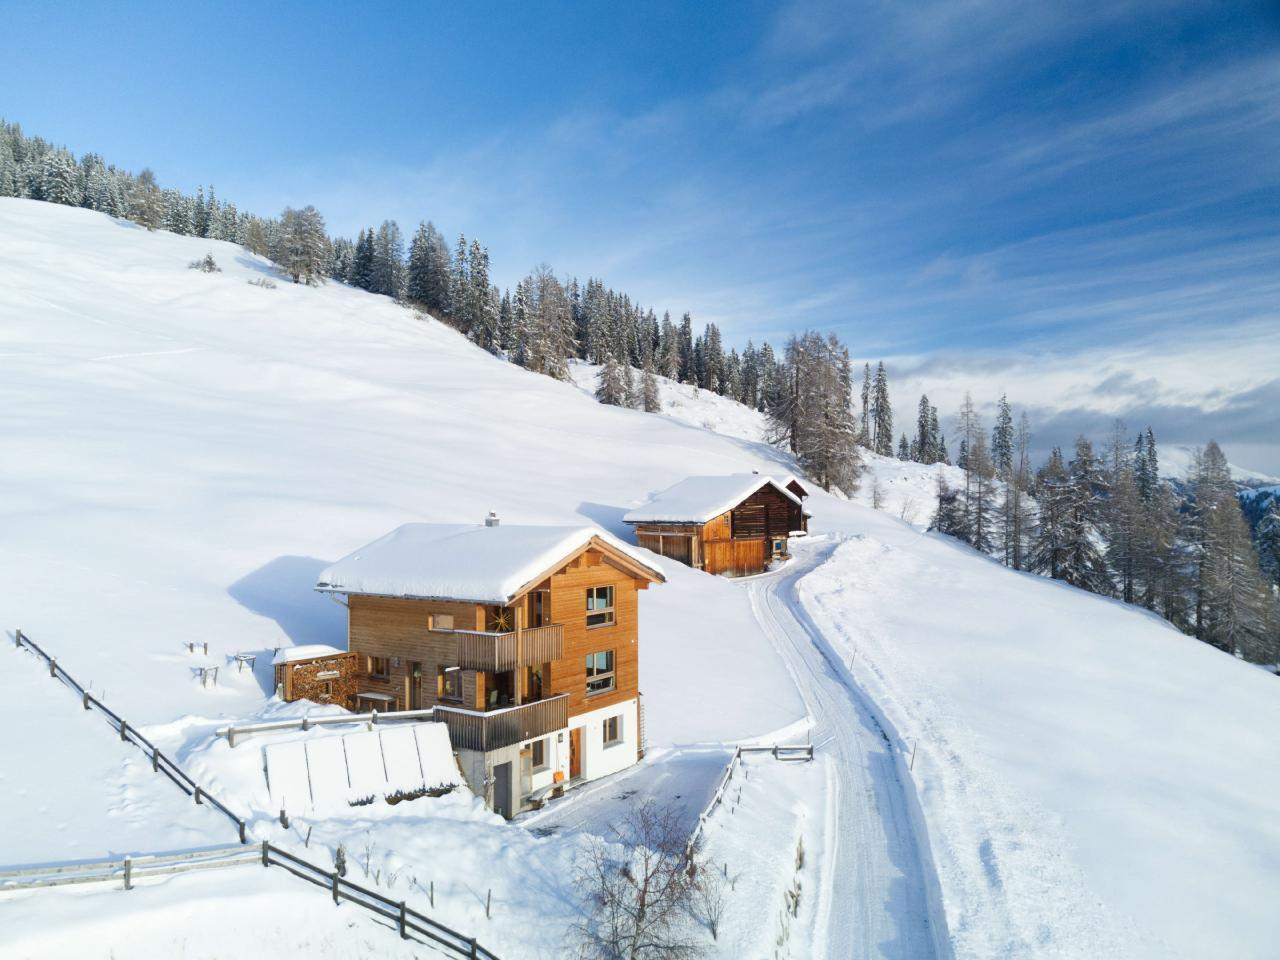 Ferienhaus Mittlagada (2509055), Tenna (CH), Safiental, Graubünden, Schweiz, Bild 21